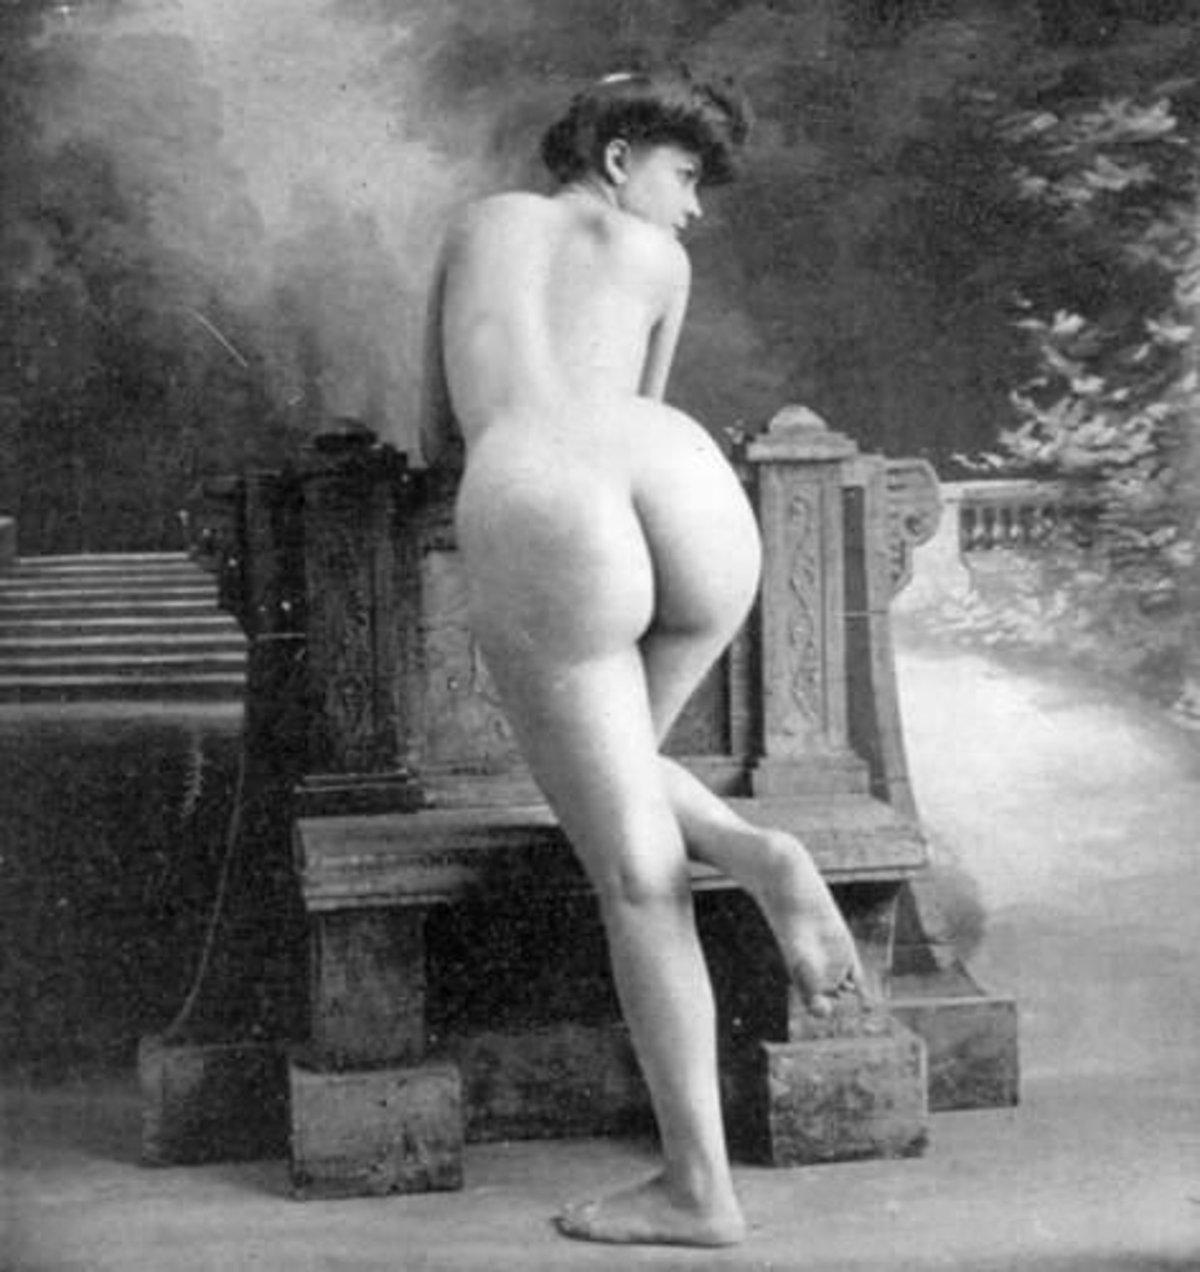 starinnie-foto-erotika-meri-key-zhukovskiy